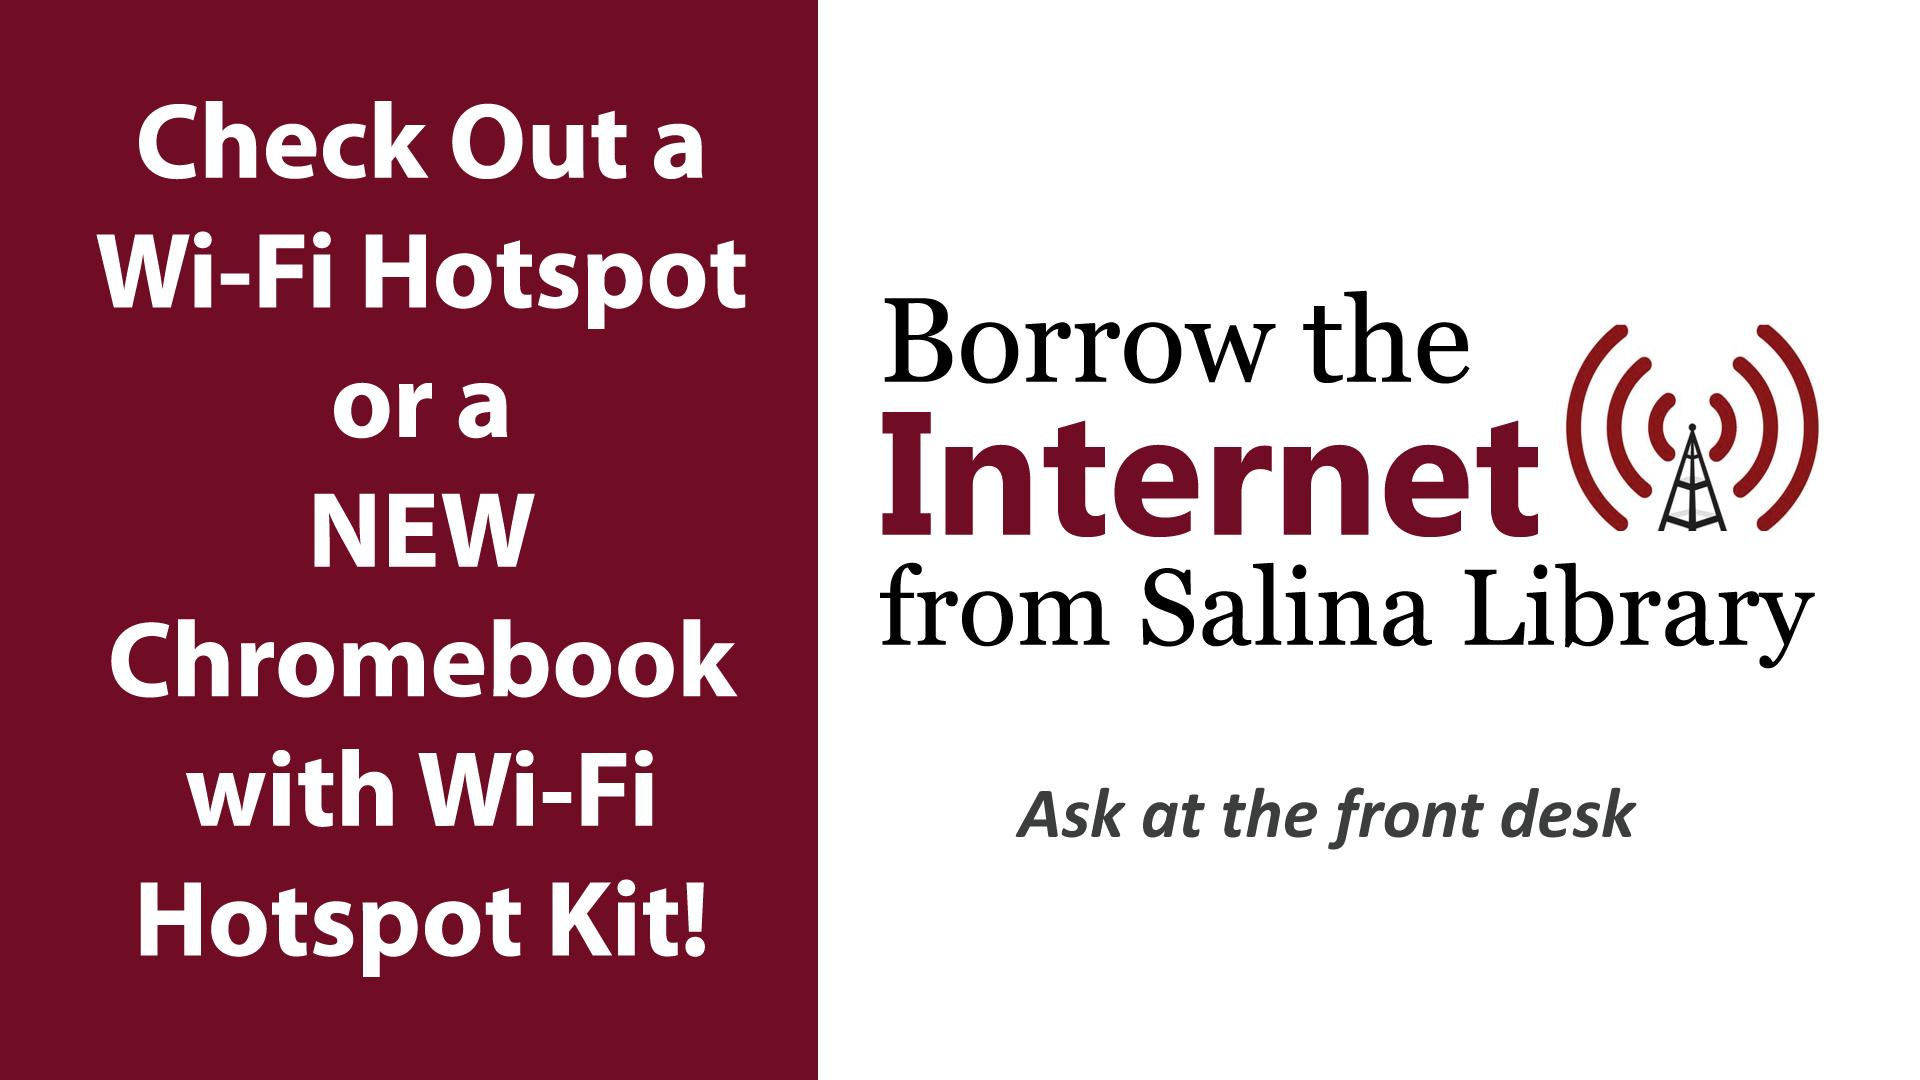 Borrow Wi-Fi